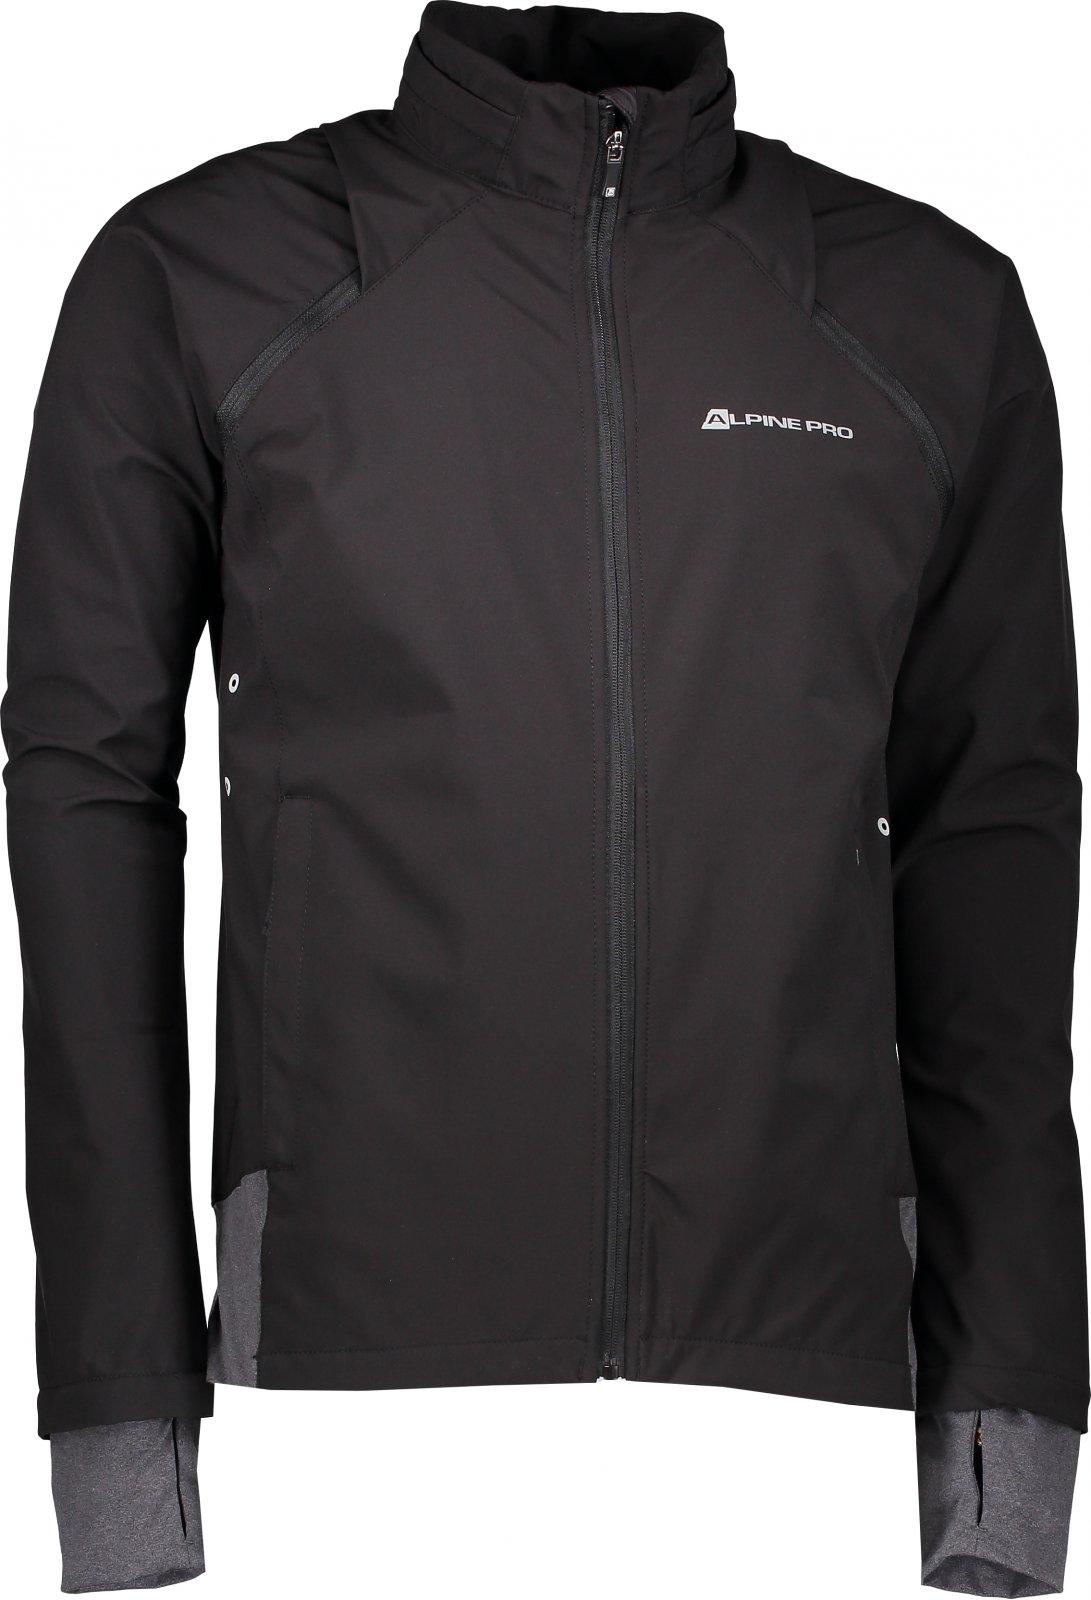 Alpine Pro Cheng MJCL248 černá od 1 399 Kč • Zboží.cz 83f4c5dc679